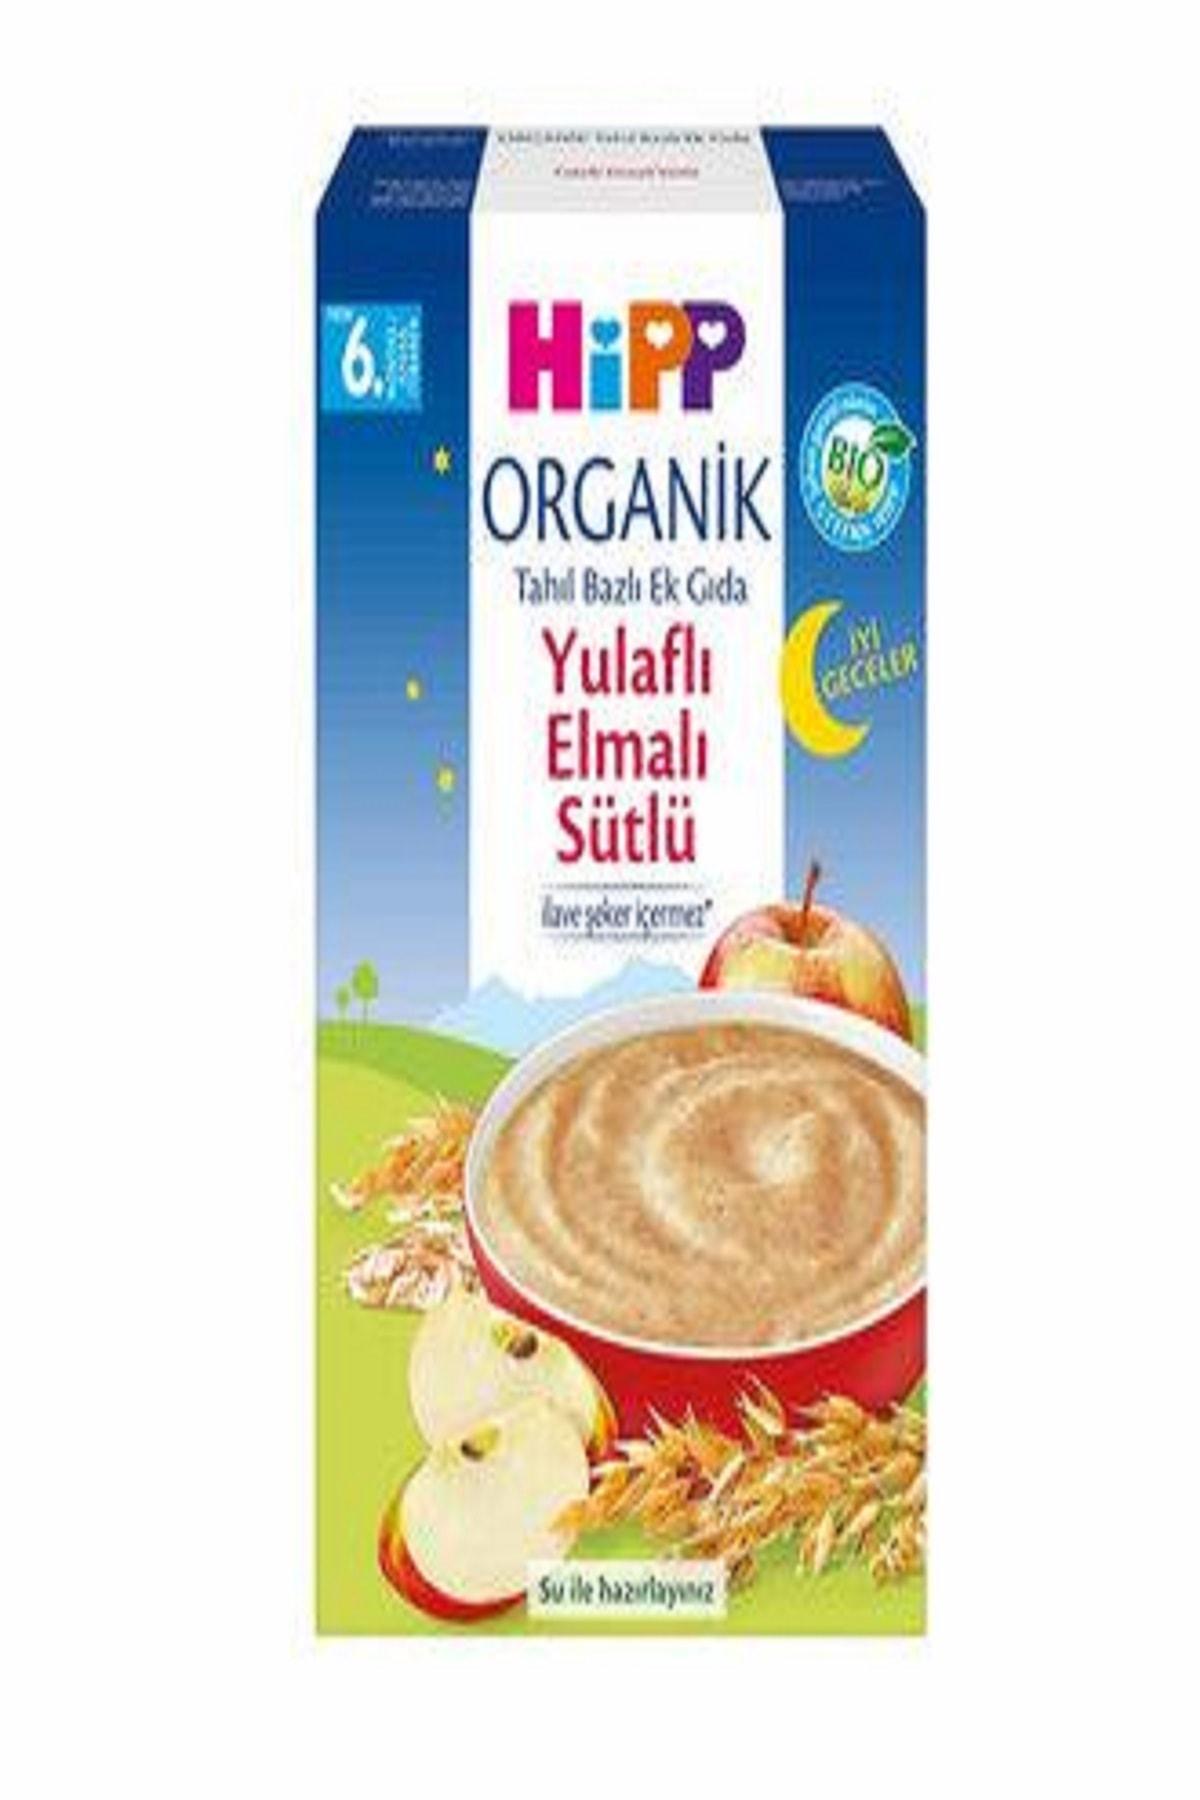 Organik Yulaflı Elmalı Gece Ek Gıda Kaşık Maması 250 gr